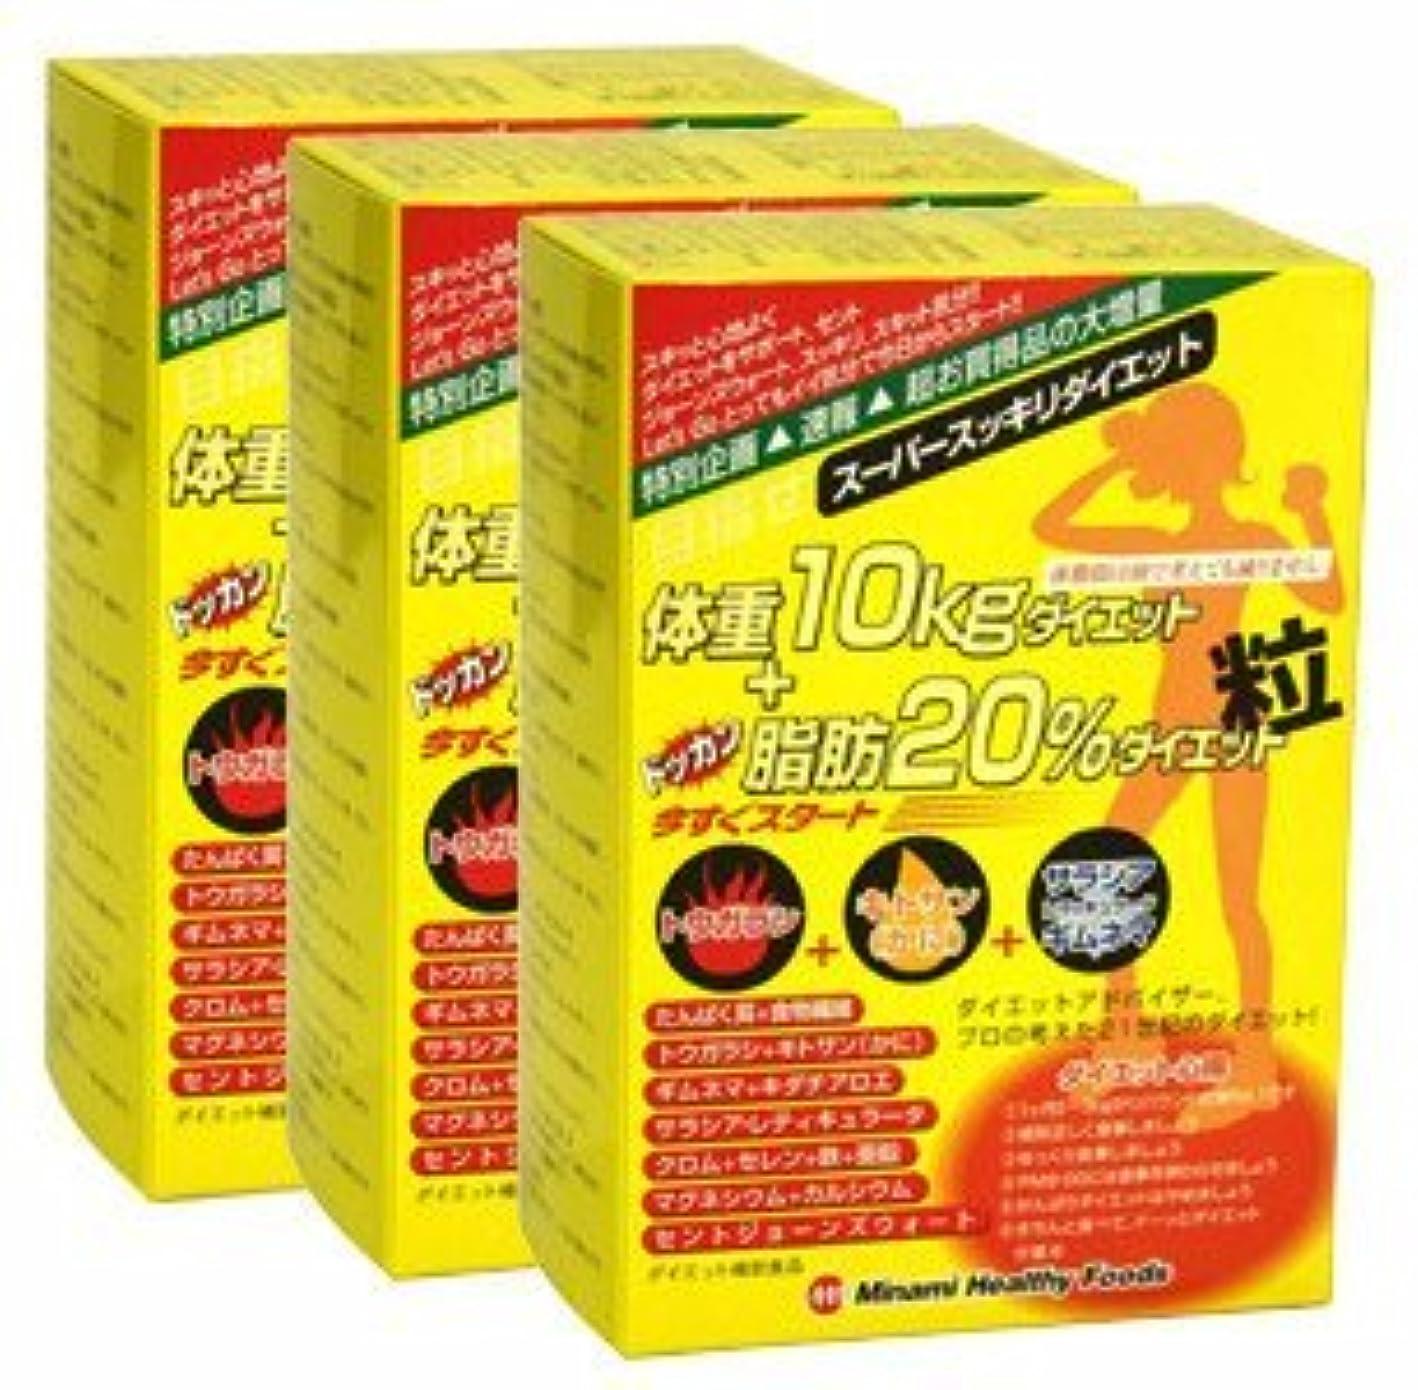 壊滅的なアパル収縮目指せ体重10kg+ドッカン脂肪20%ダイエット粒【3箱セット】ミナミヘルシーフーズ